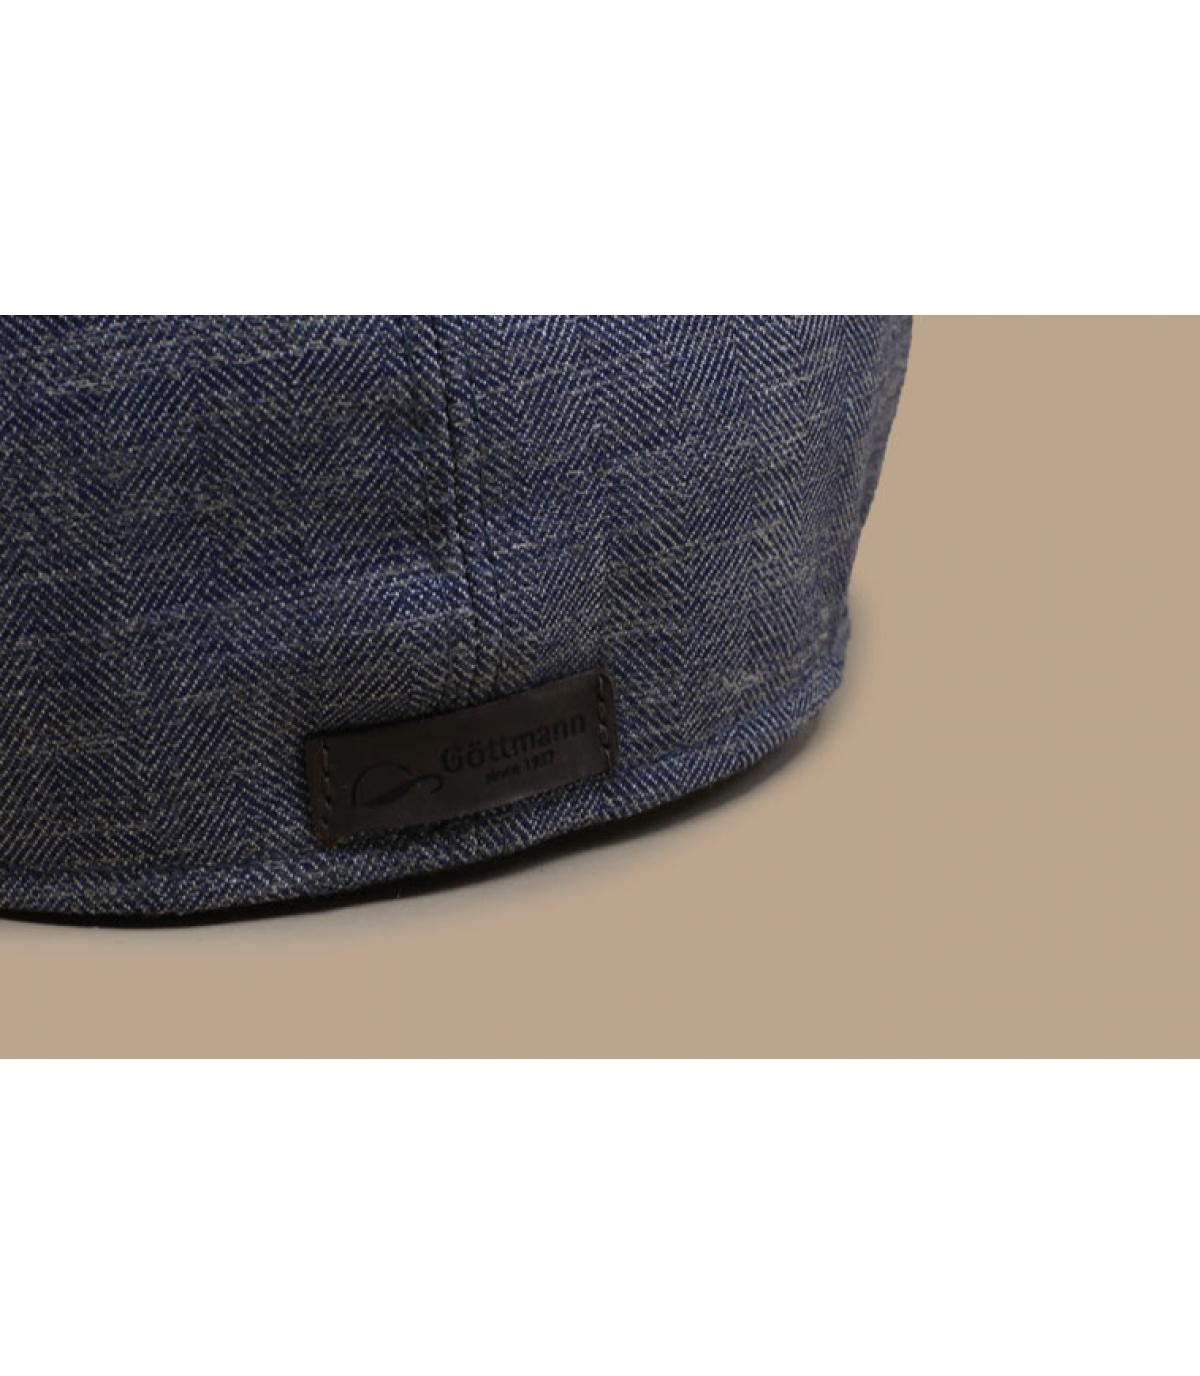 Détails Princeton jeans - image 3